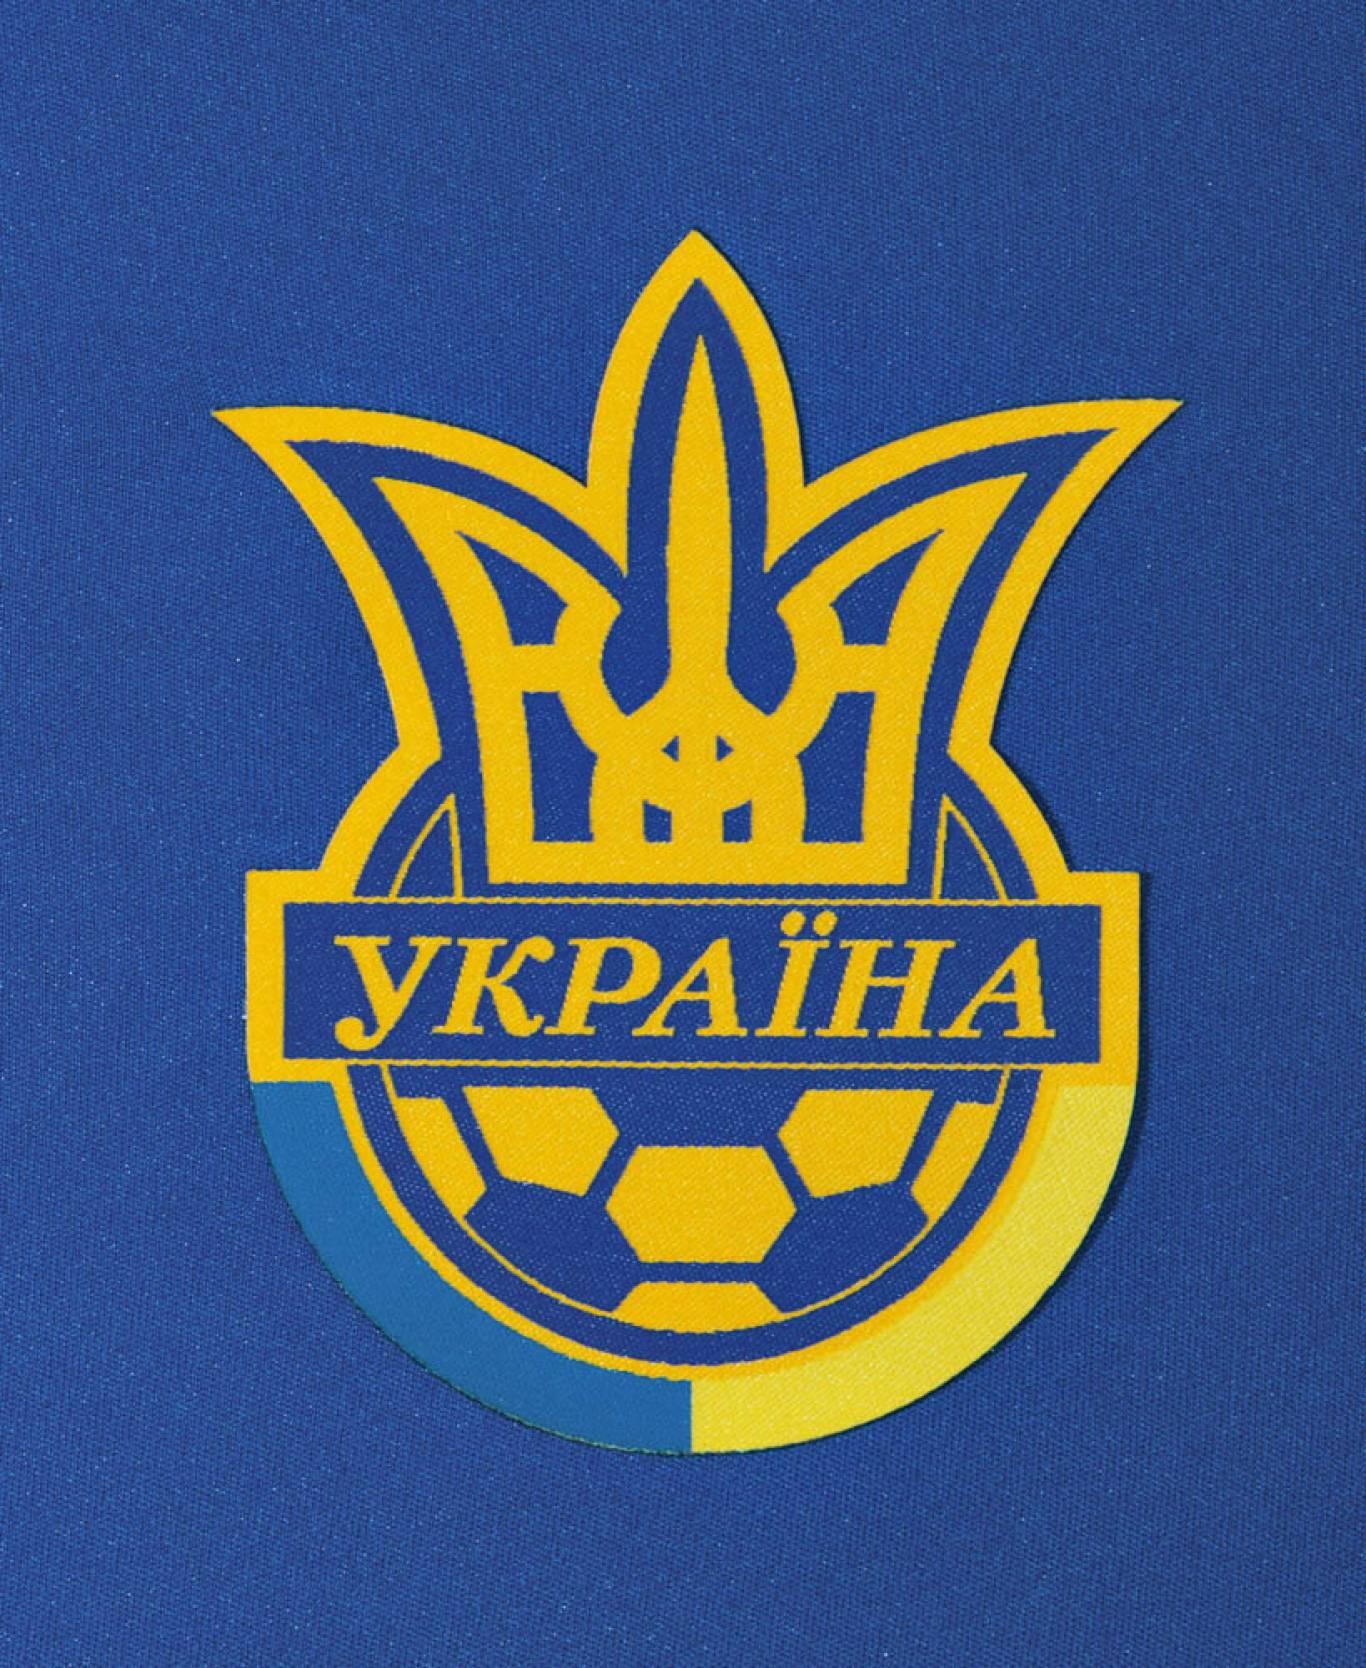 Матч між збірними України та Люксембургу